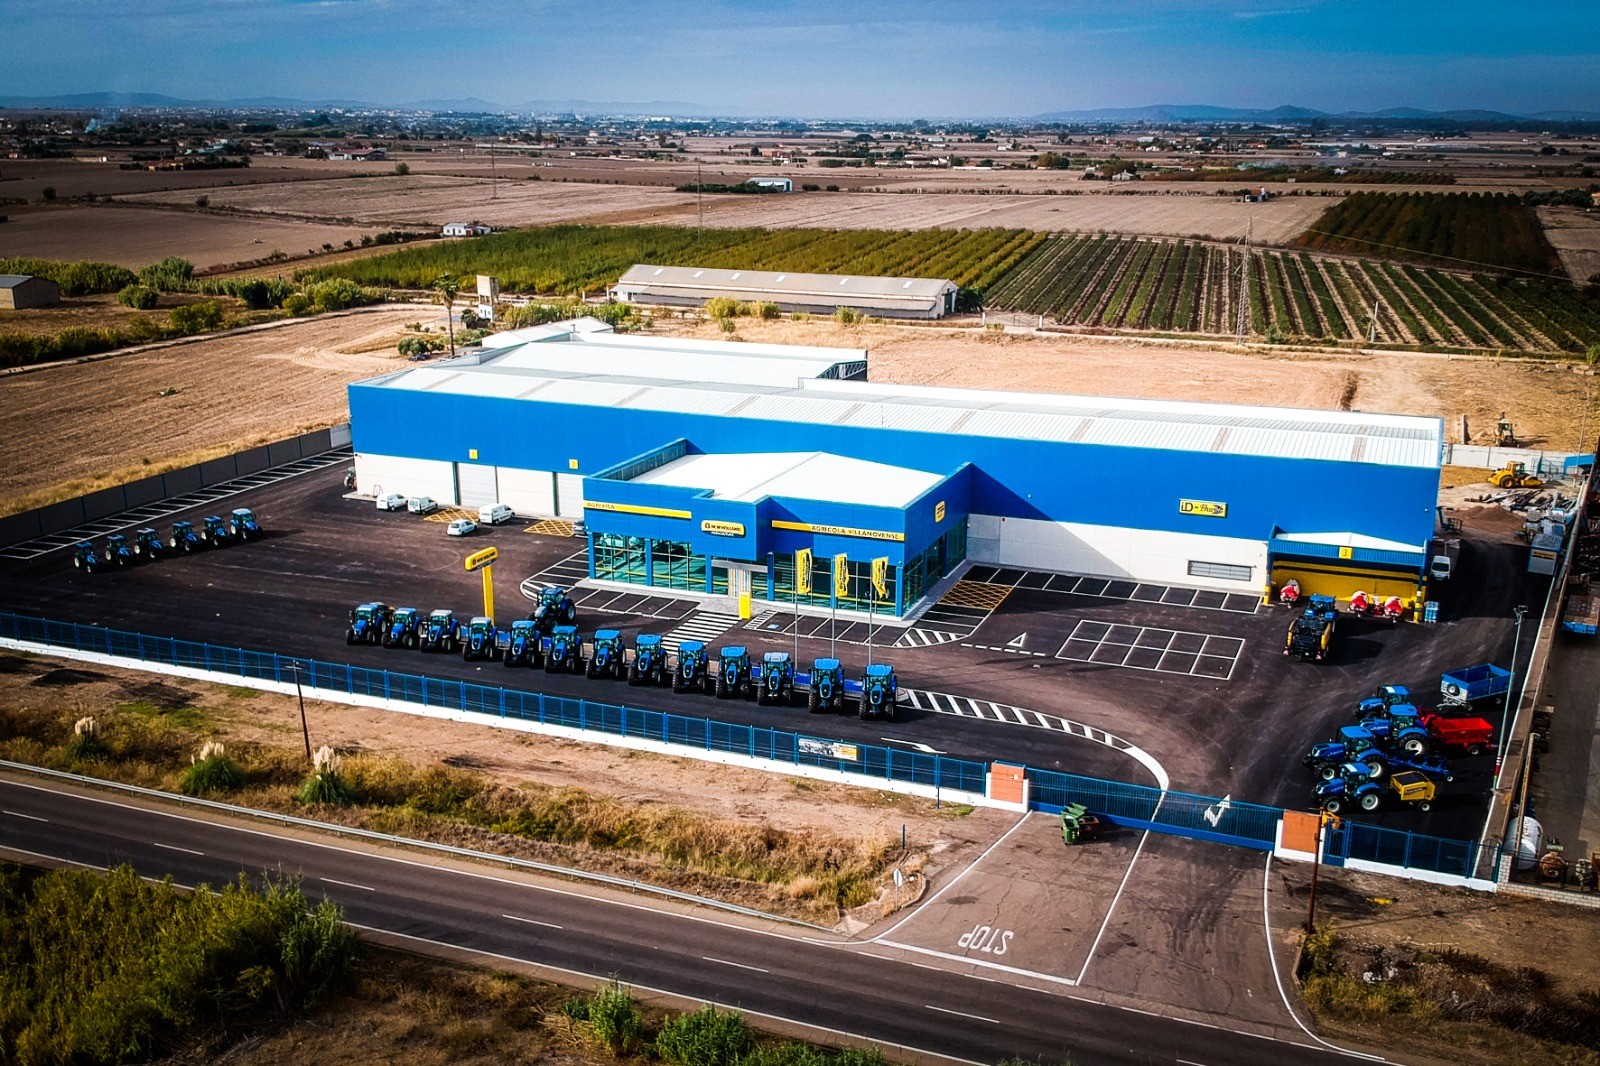 Inauguración nuevas instalaciones de Agrivisa en Villanueva de la Serena (Badajoz) - 0